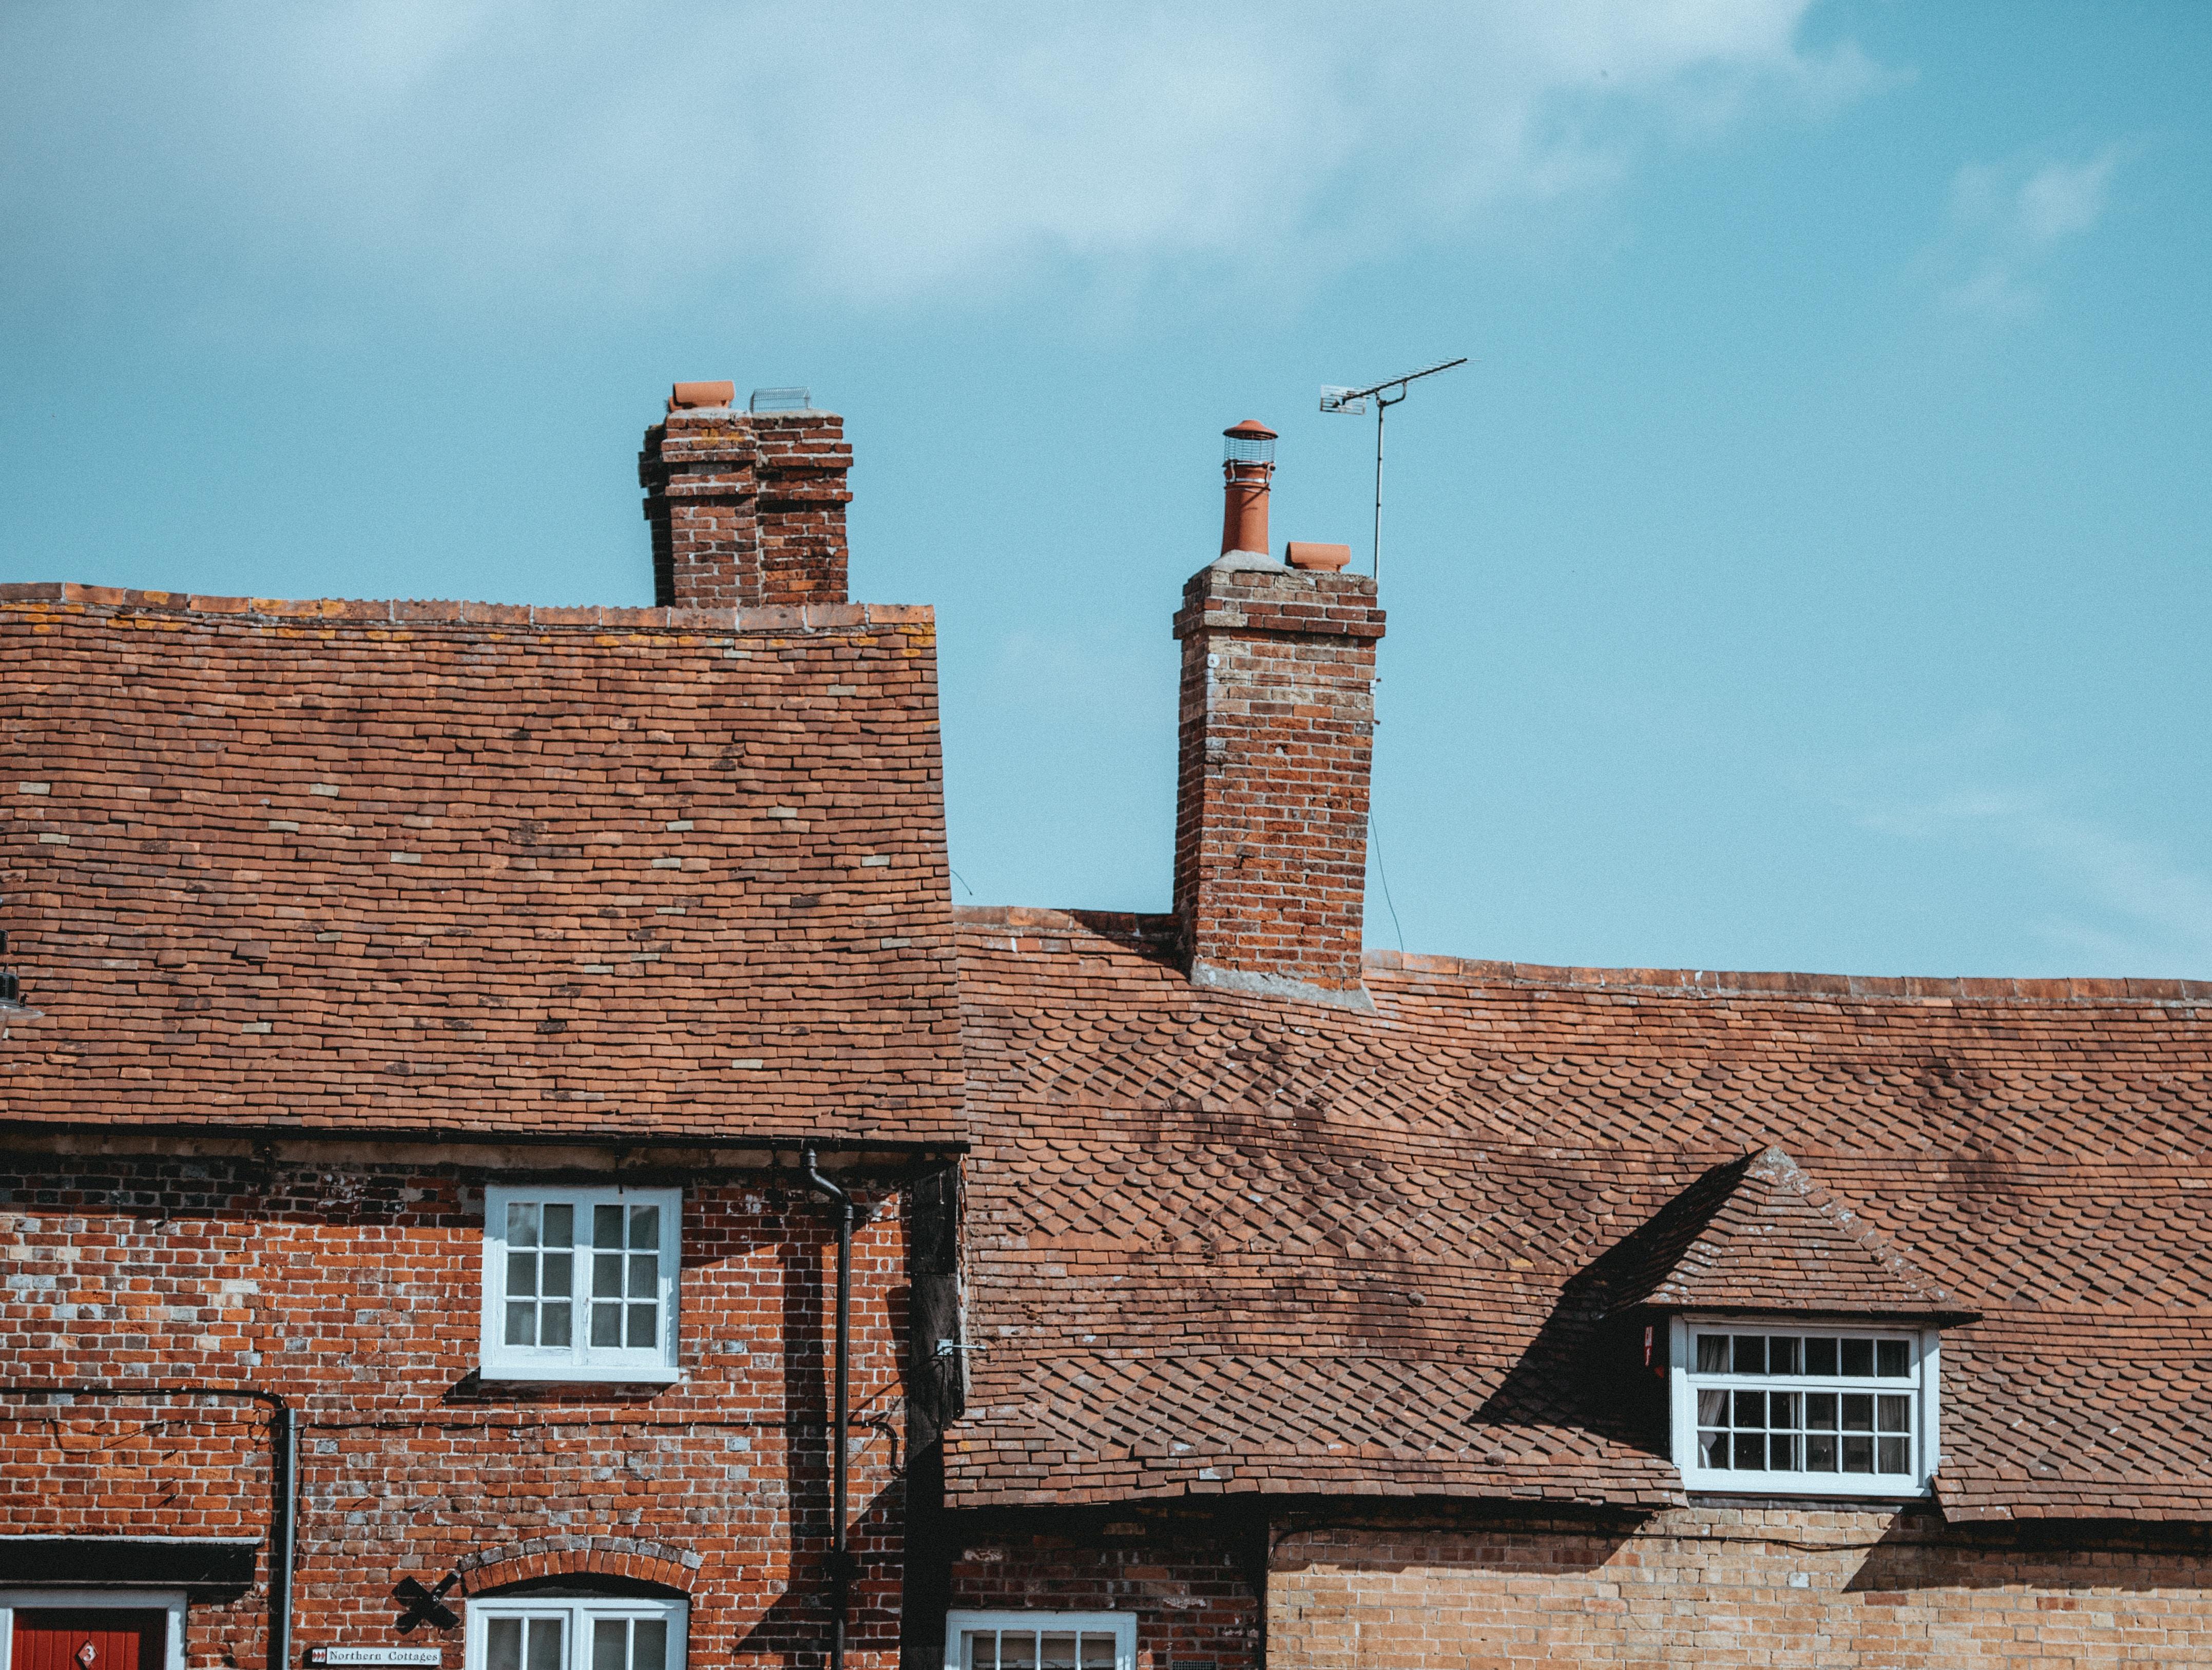 Attraktiv Wolke Himmel Holz Haus Fenster Dach Gebäude Zuhause Kamin Fassade Fliese Außen  Ziegel Ziegeldach Mauerwerk Wohngebiet